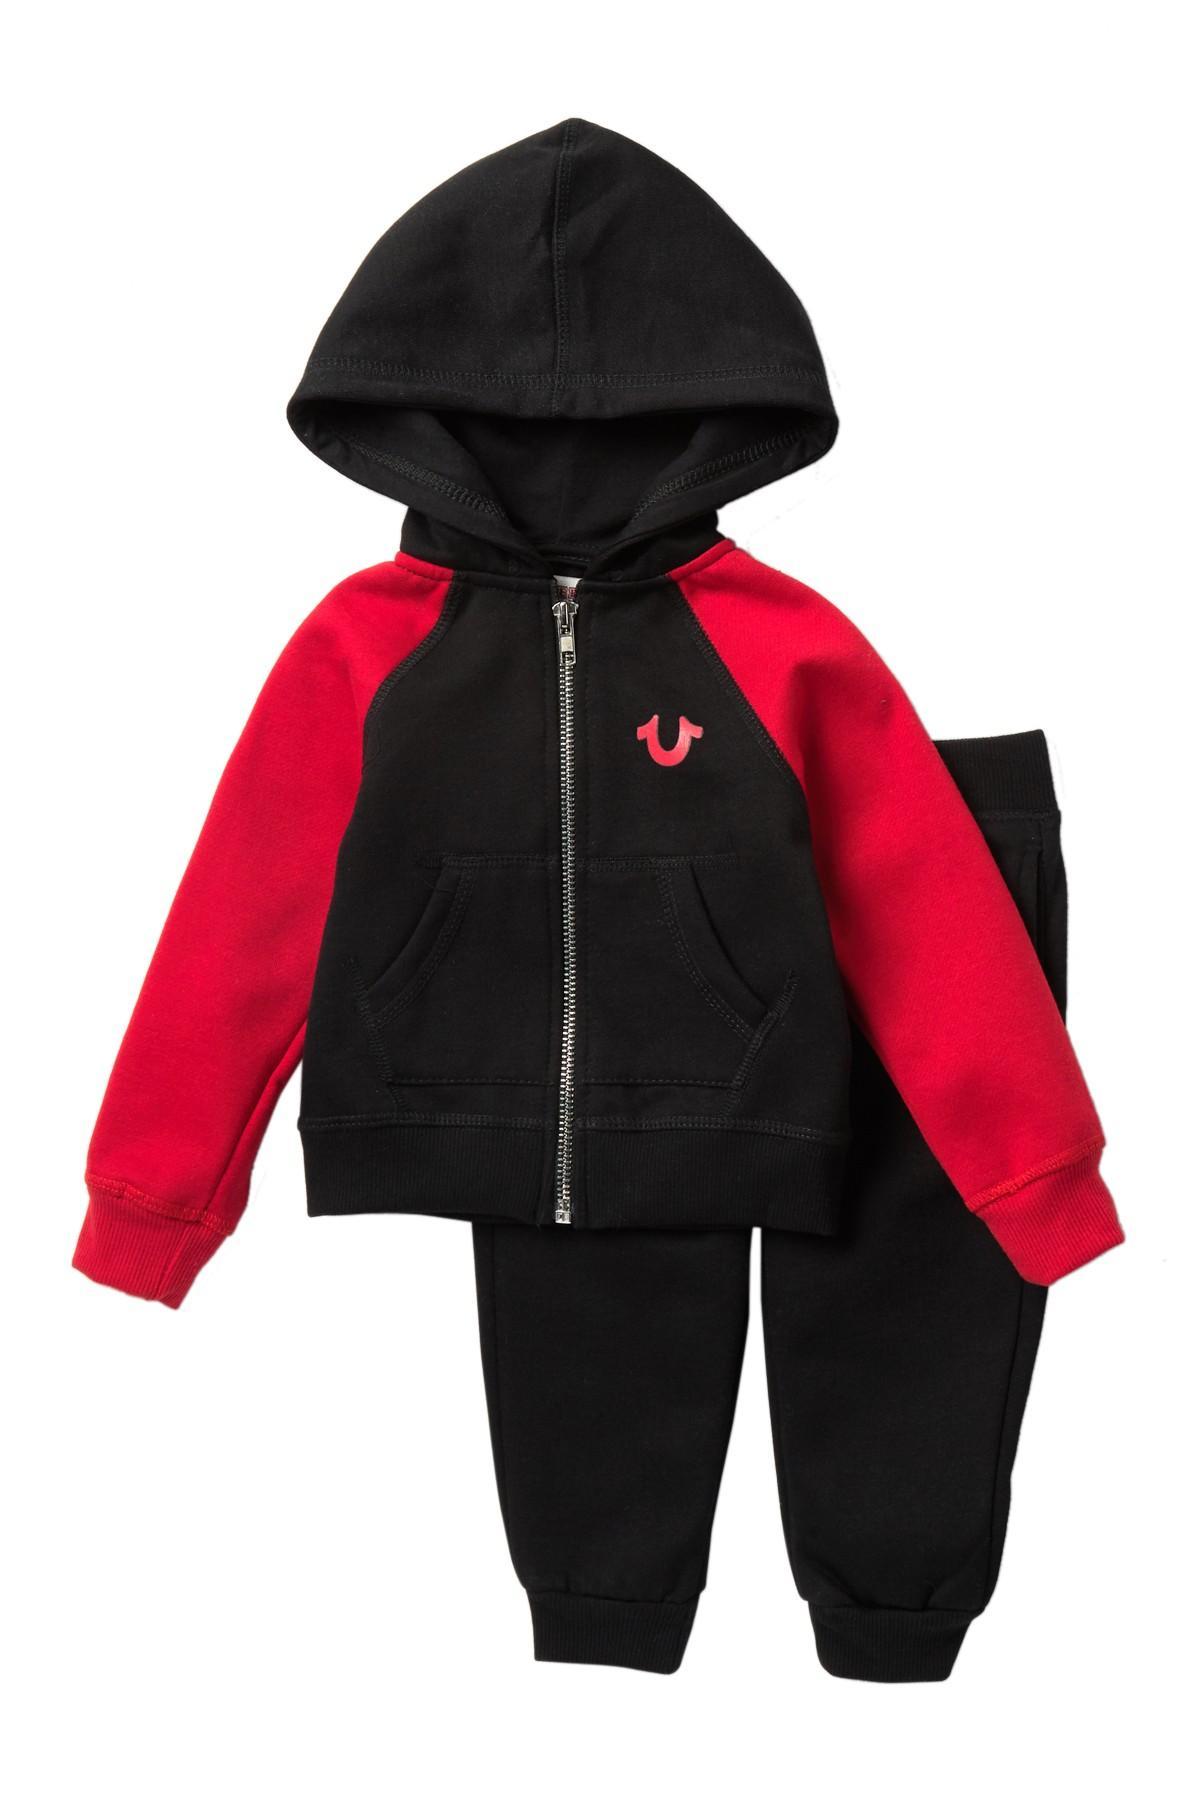 8921ca7a3 True Religion Varsity Hookup 2-piece Set (baby) in Black for Men - Lyst